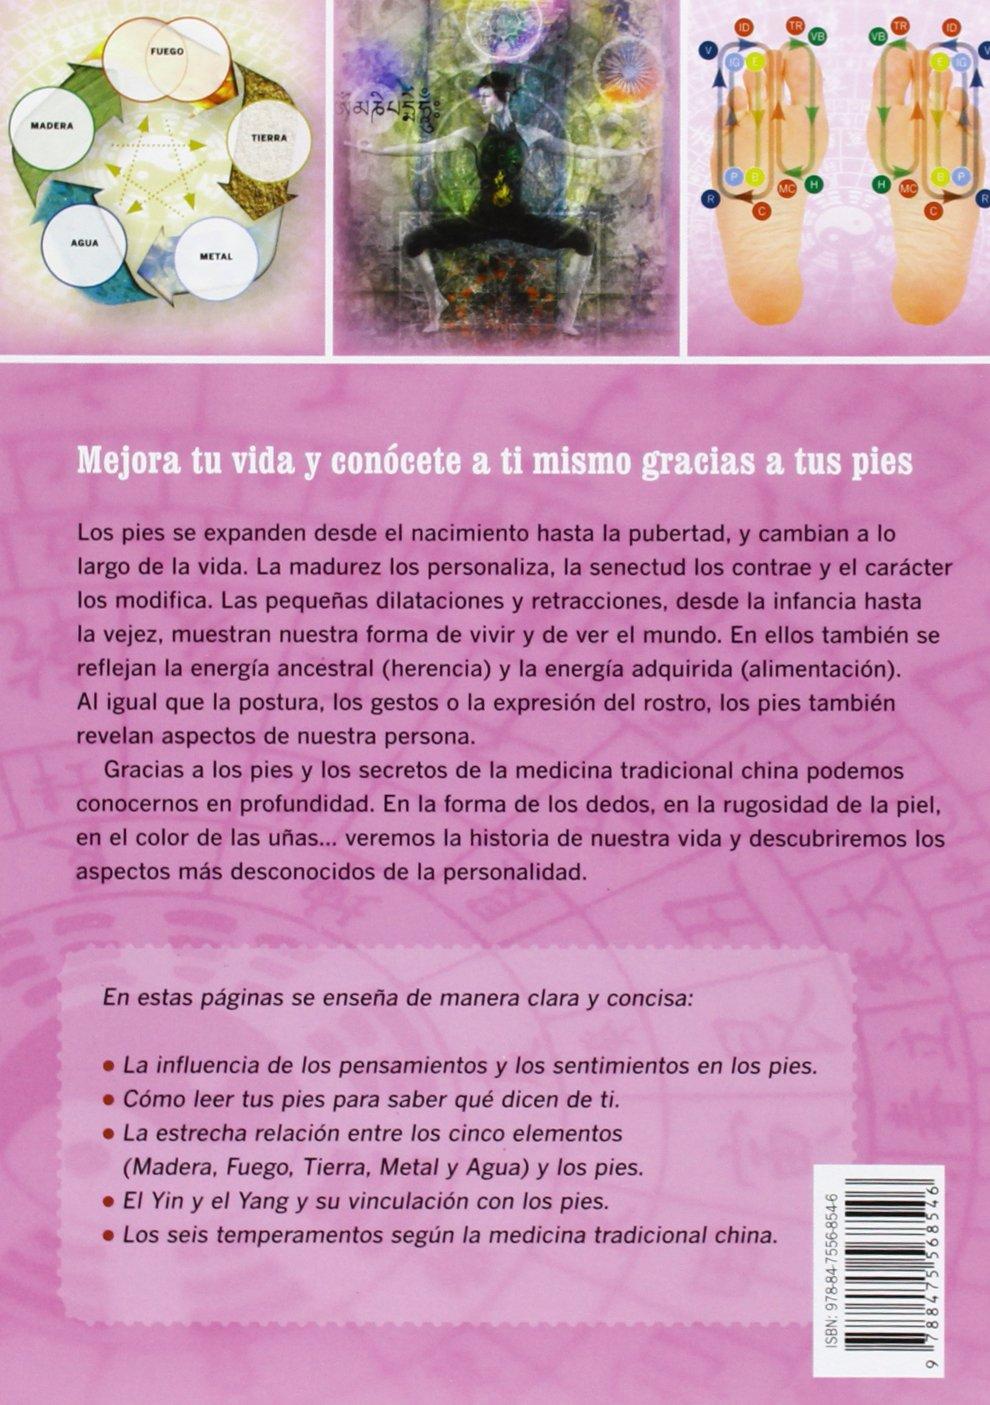 El Carácter Por Los Pies (Muy personal): Amazon.es: Àngels Elias Valls: Libros